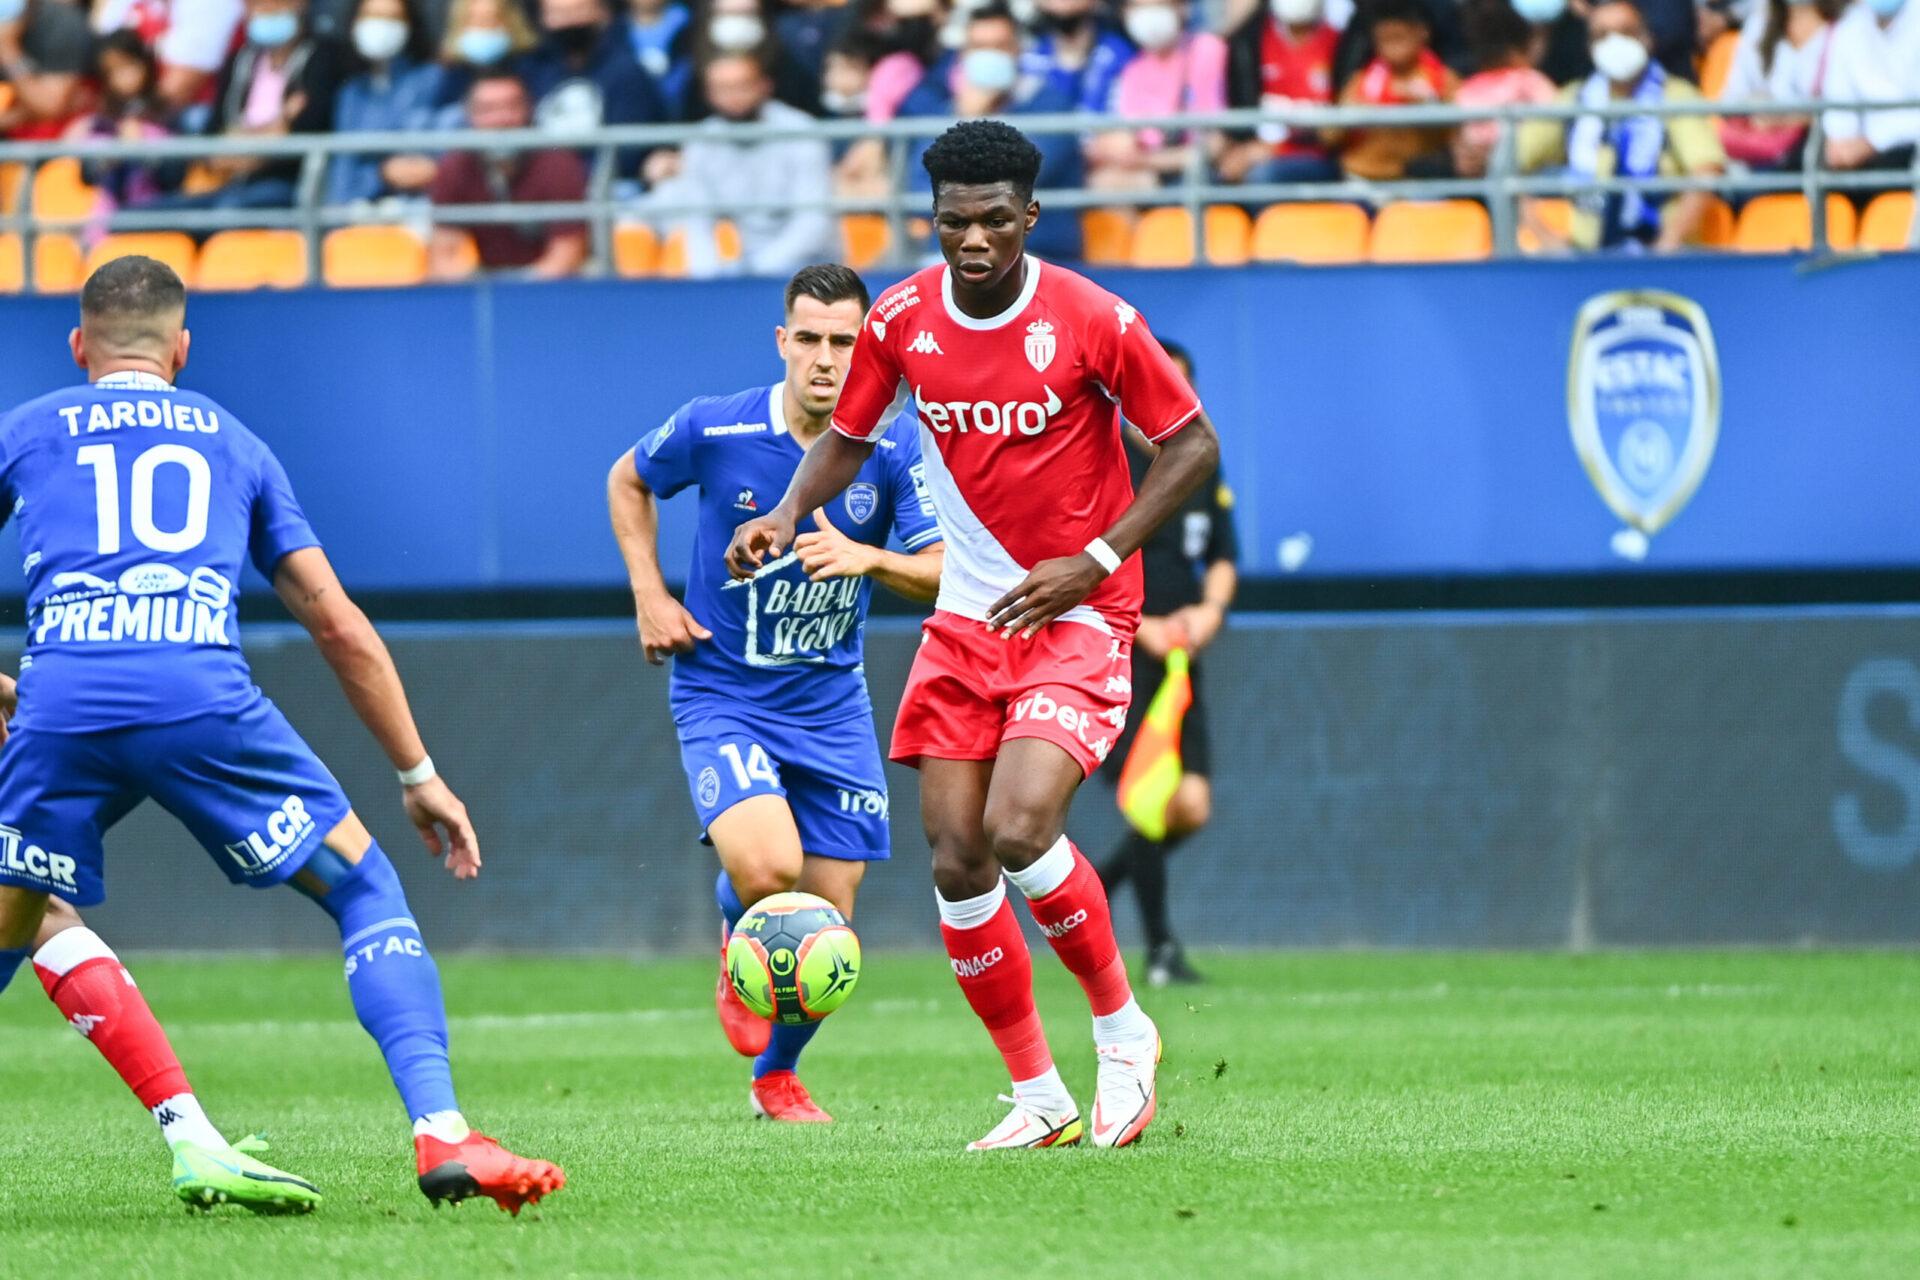 L'AS Monaco et Aurélien Tchouaméni ont remporté leur première victoire sur la pelouse de Troyes, juste avant la trêve internationale. Icon Sport